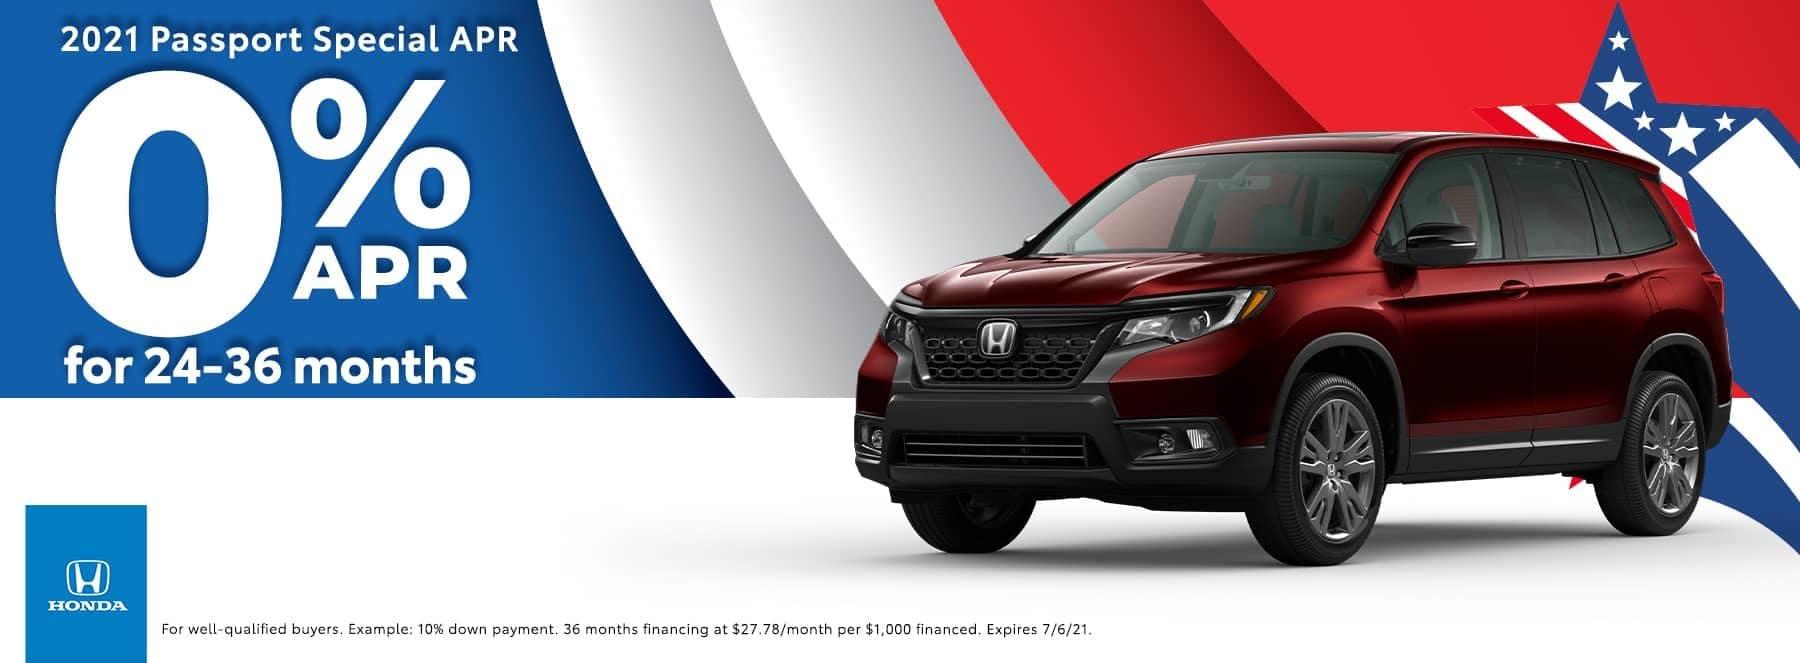 Honda of Newnan - 2021 Passport Special - 0% APR for 24-36 months